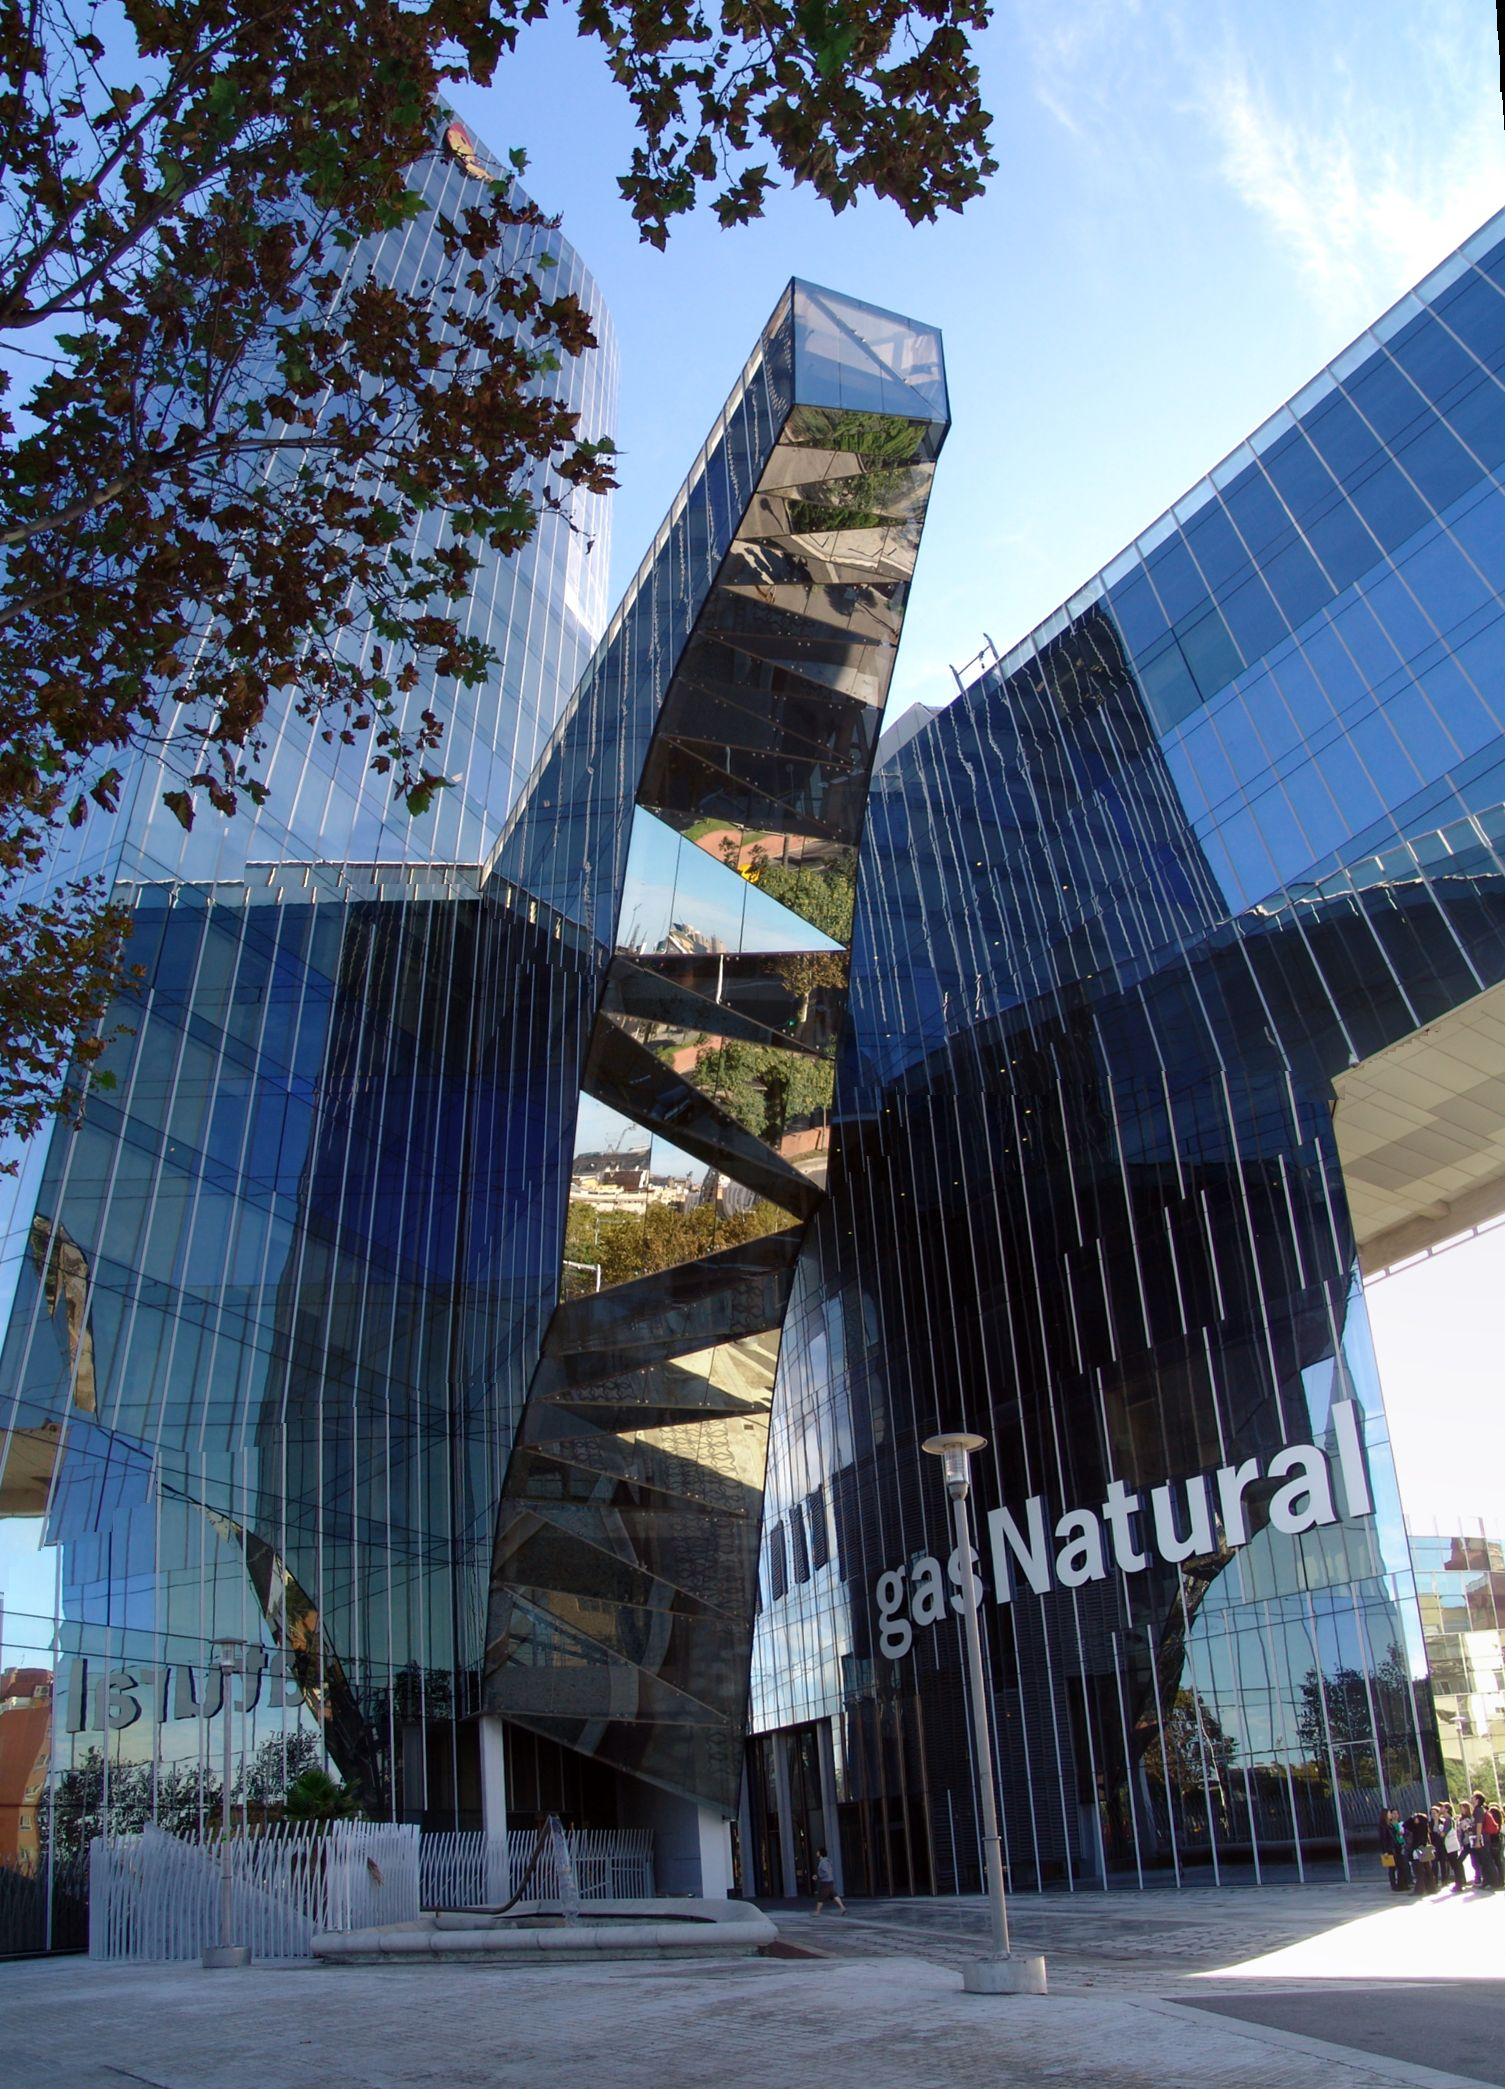 Torre de Gas Natural, a Barcelona / ANDRES UMIDA